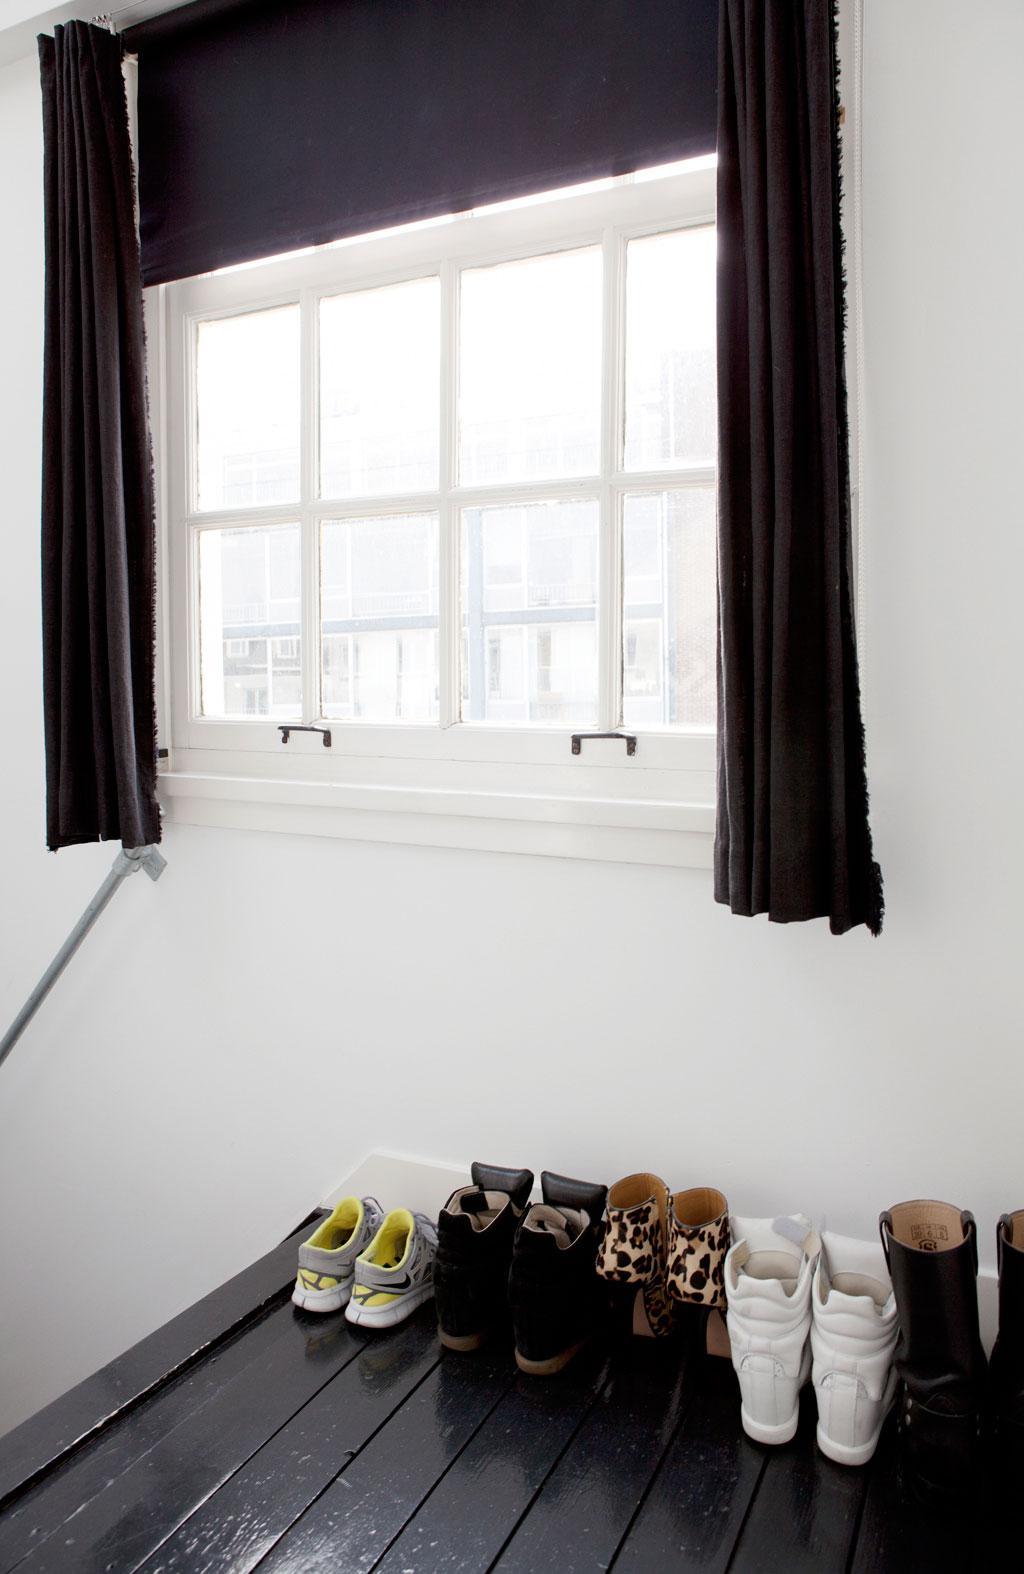 raam venster amsterdam stadsmonument